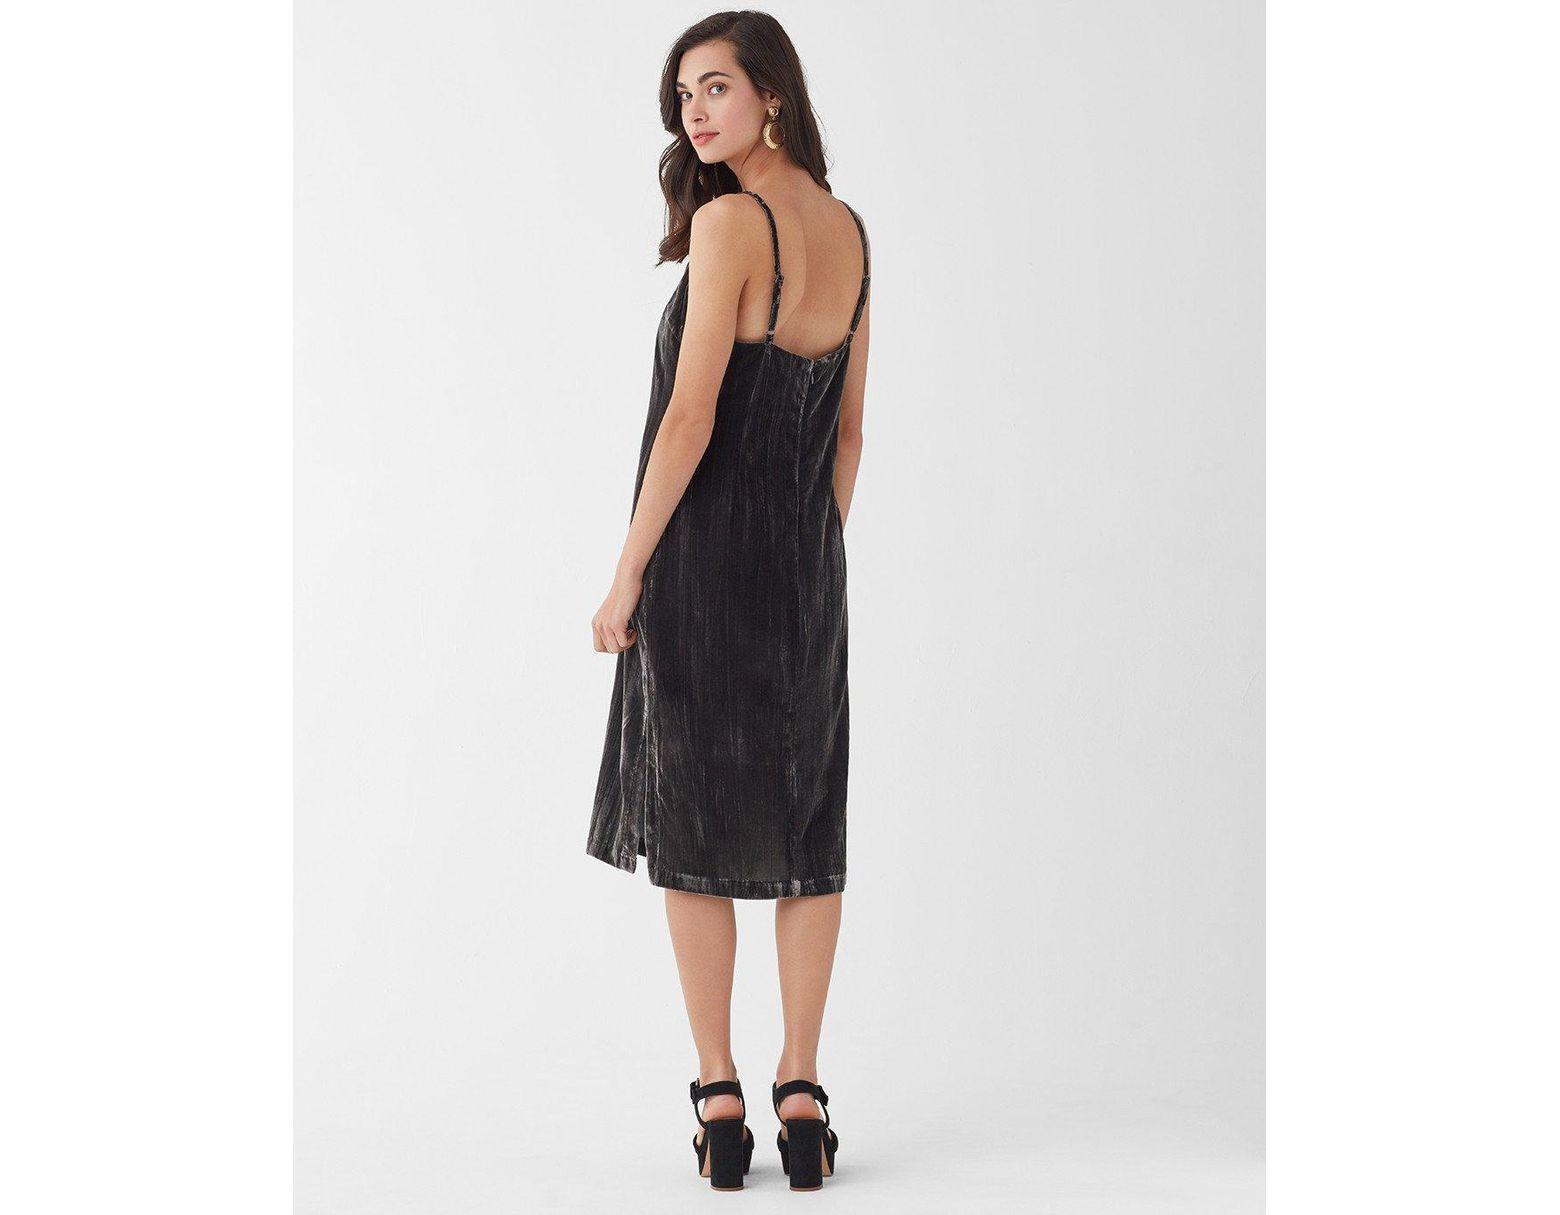 d8c26016fb6f Splendid Moonstone Velvet Dress in Black - Save 67% - Lyst